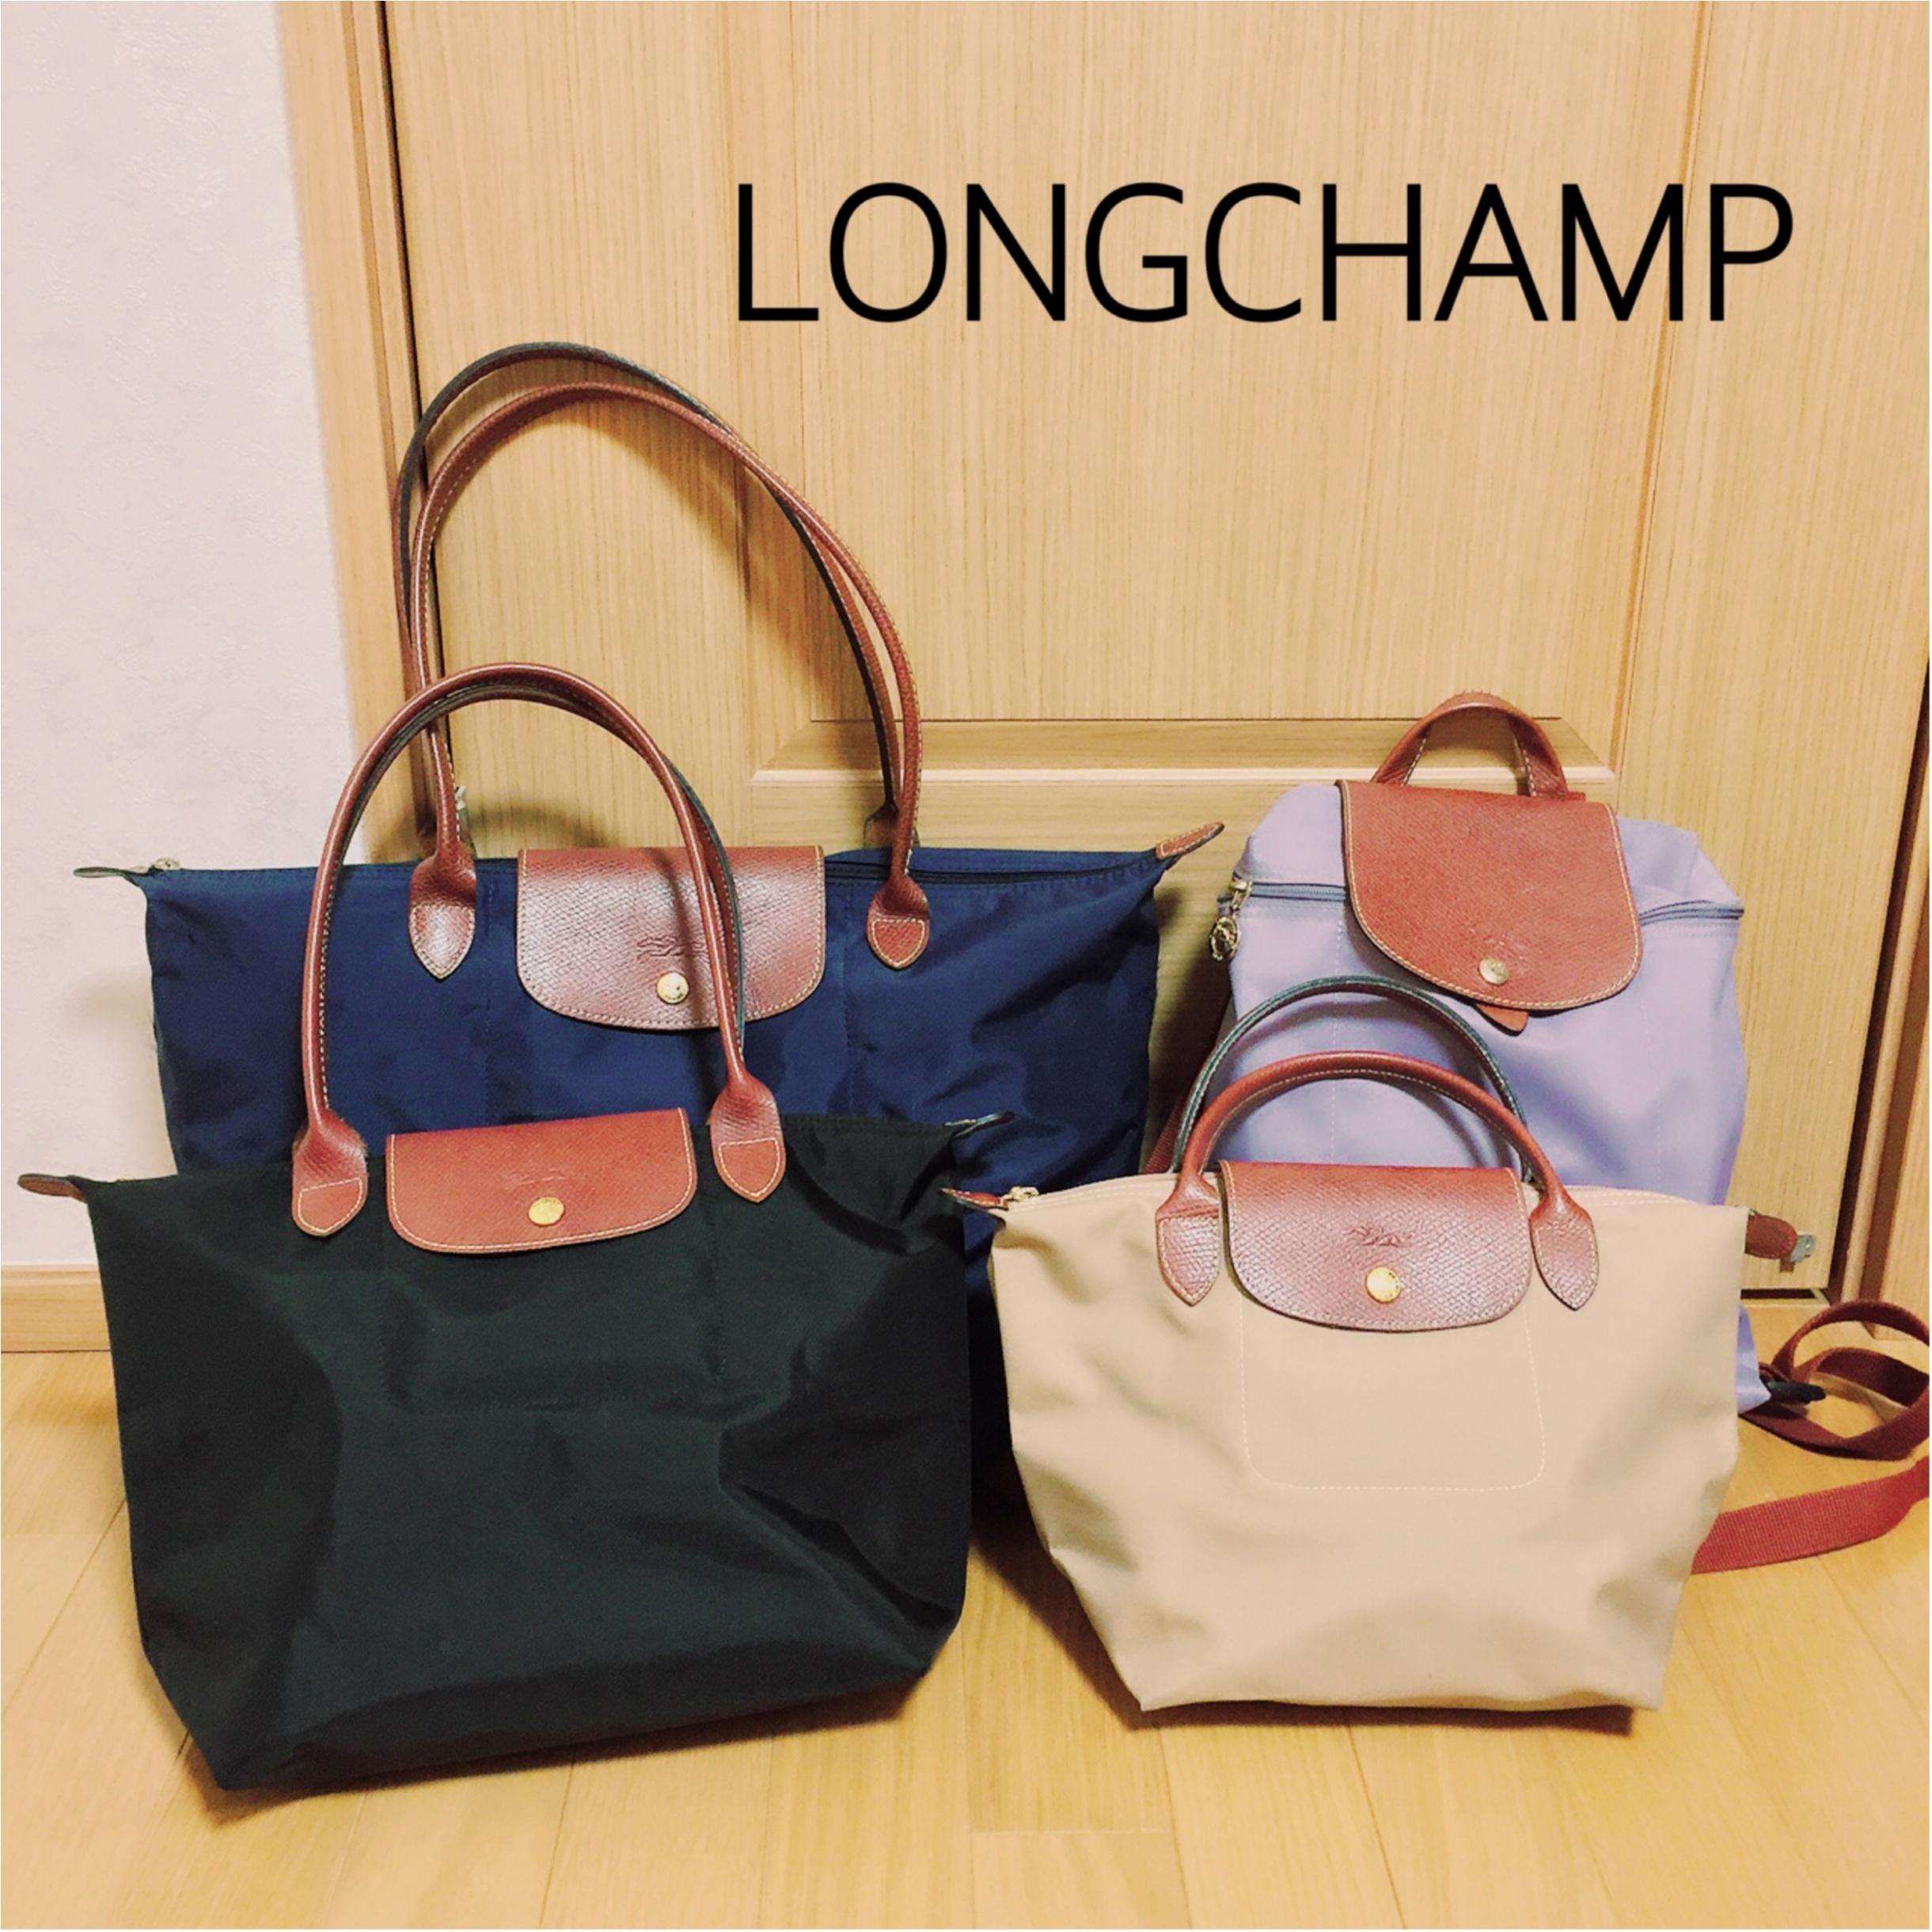 【○○で選ぶならコレ❤︎】私のお仕事バッグは《LONGCHAMP ル・プリアージュ》♡ _4